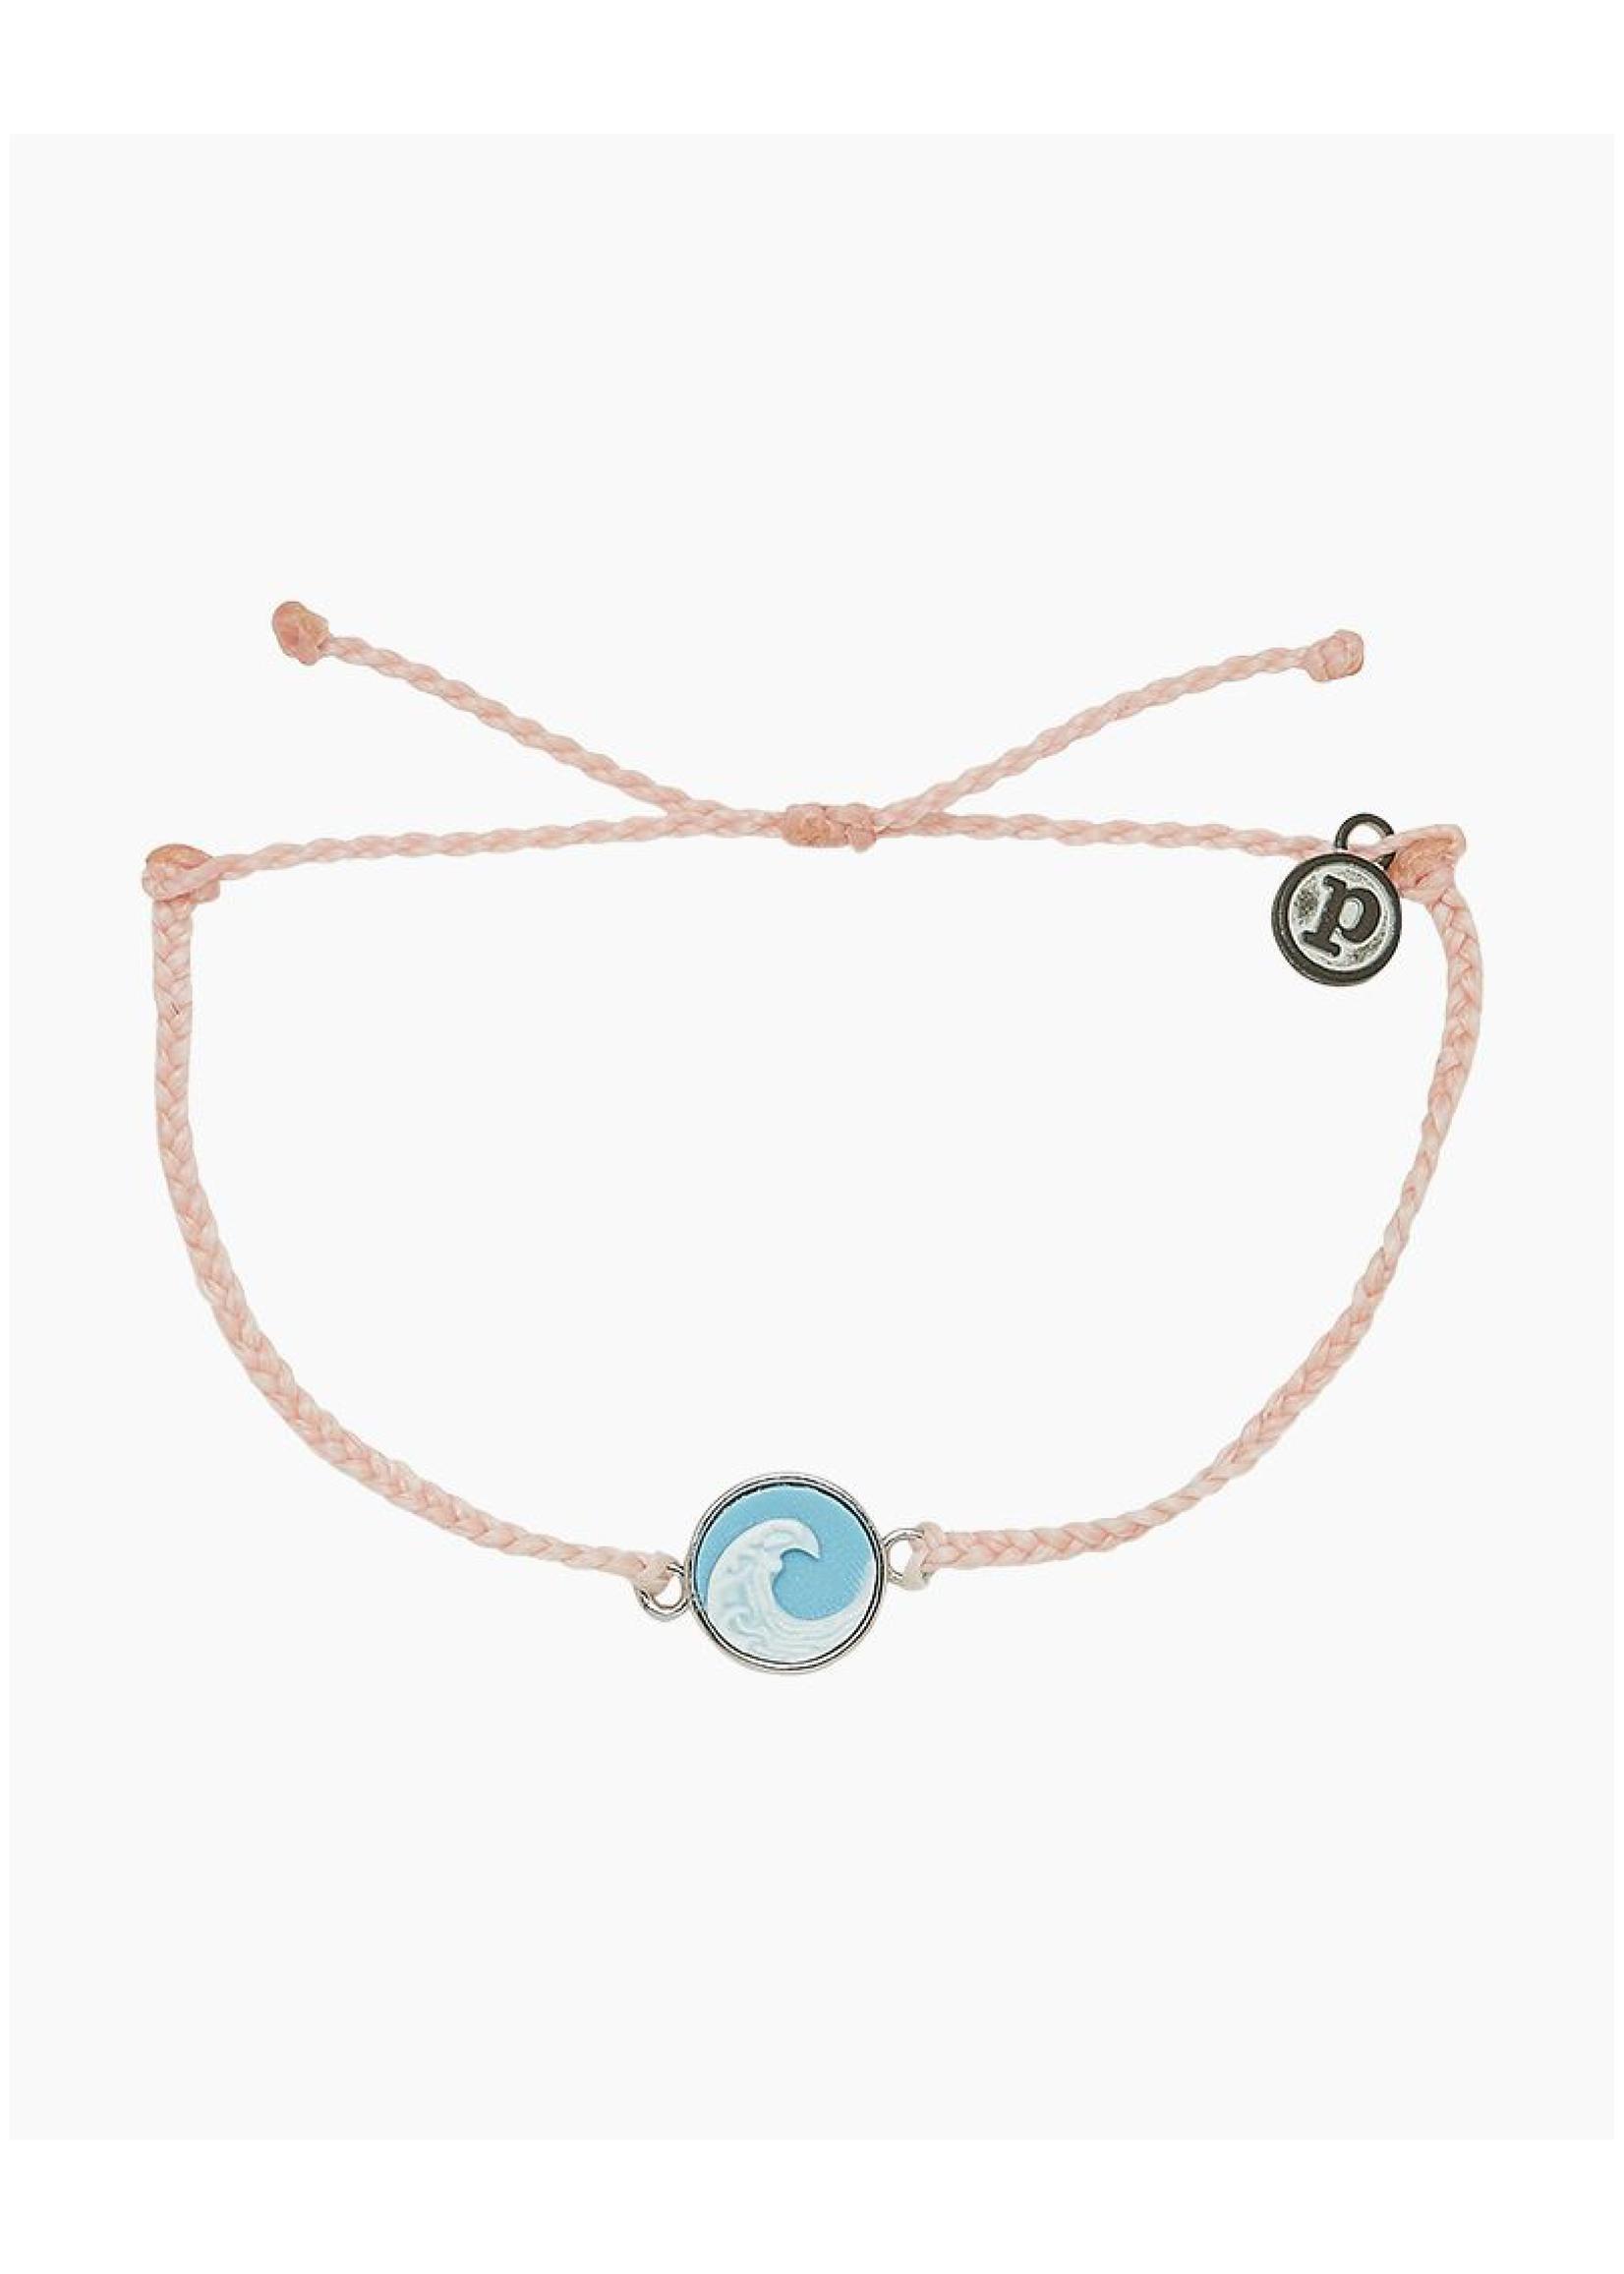 puravida bracelets Wave Cameo Charm Silver Bracelet Baby Pink